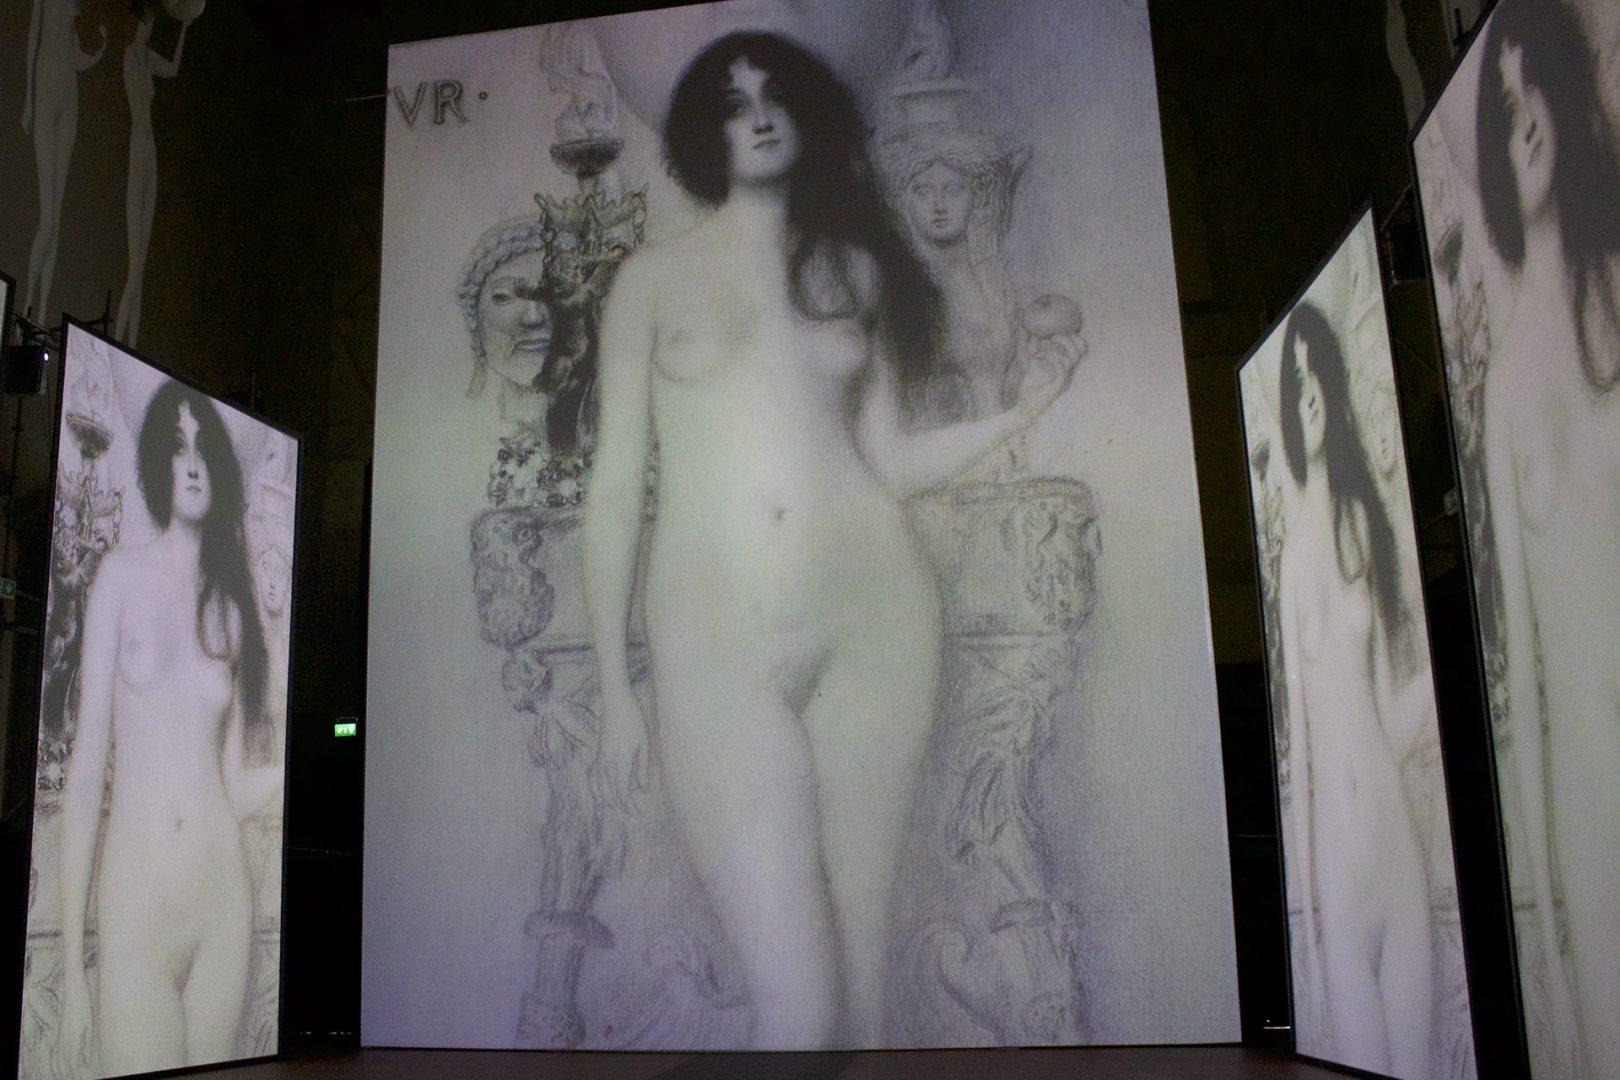 Lifestyle Eventiemostre Artexperience Firenze Klimt